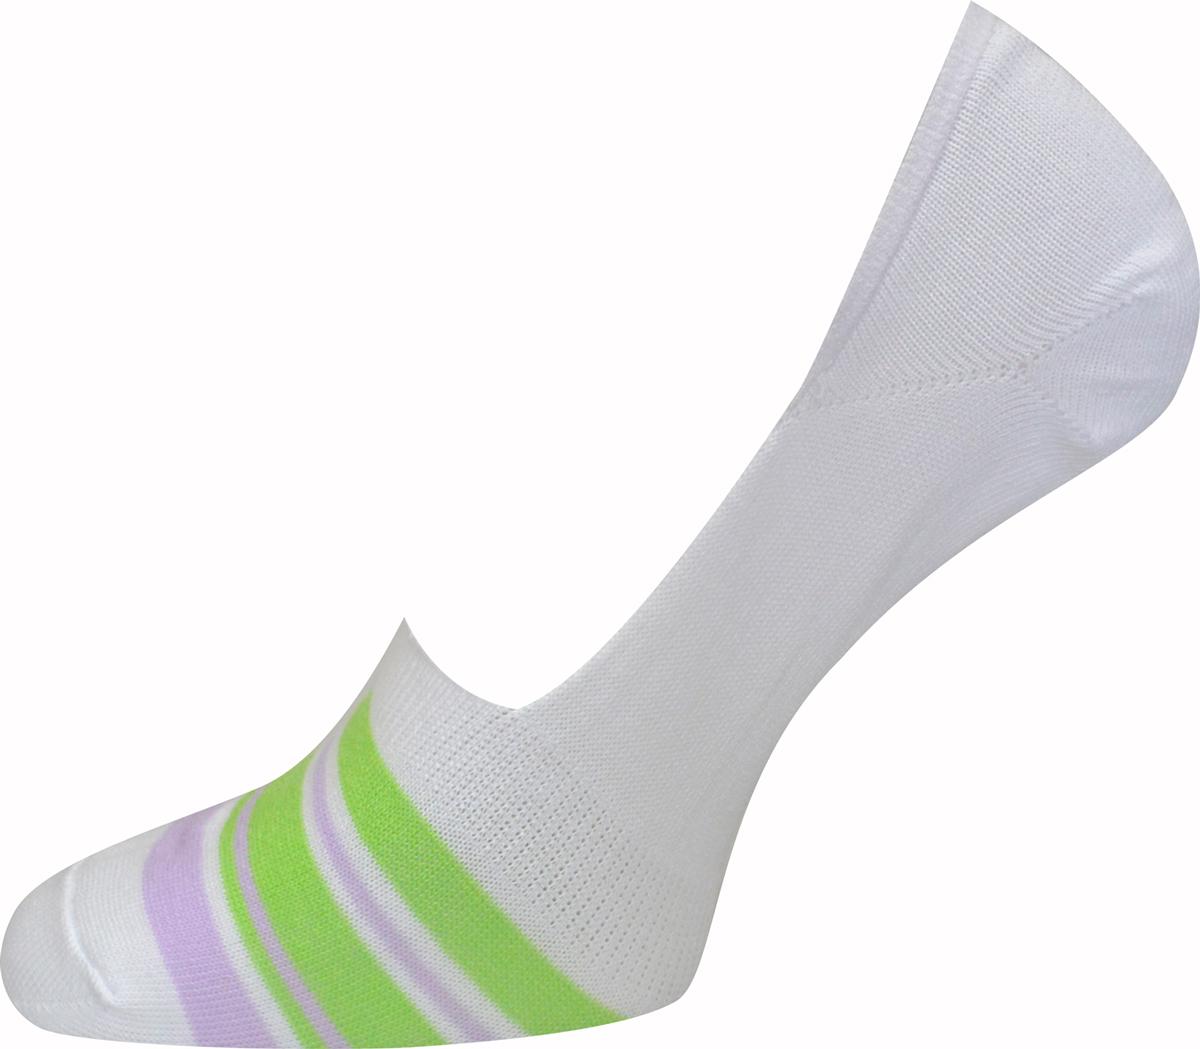 Подследники женские Master Socks, цвет: белый, зеленый. 55830. Размер 2555830Удобные подследники Master Socks, изготовленные из высококачественного комбинированного материала с хлопковой основой, очень мягкие и приятные на ощупь, позволяют коже дышать. Практичные и комфортные подследники великолепно подойдут к любой вашей обуви.